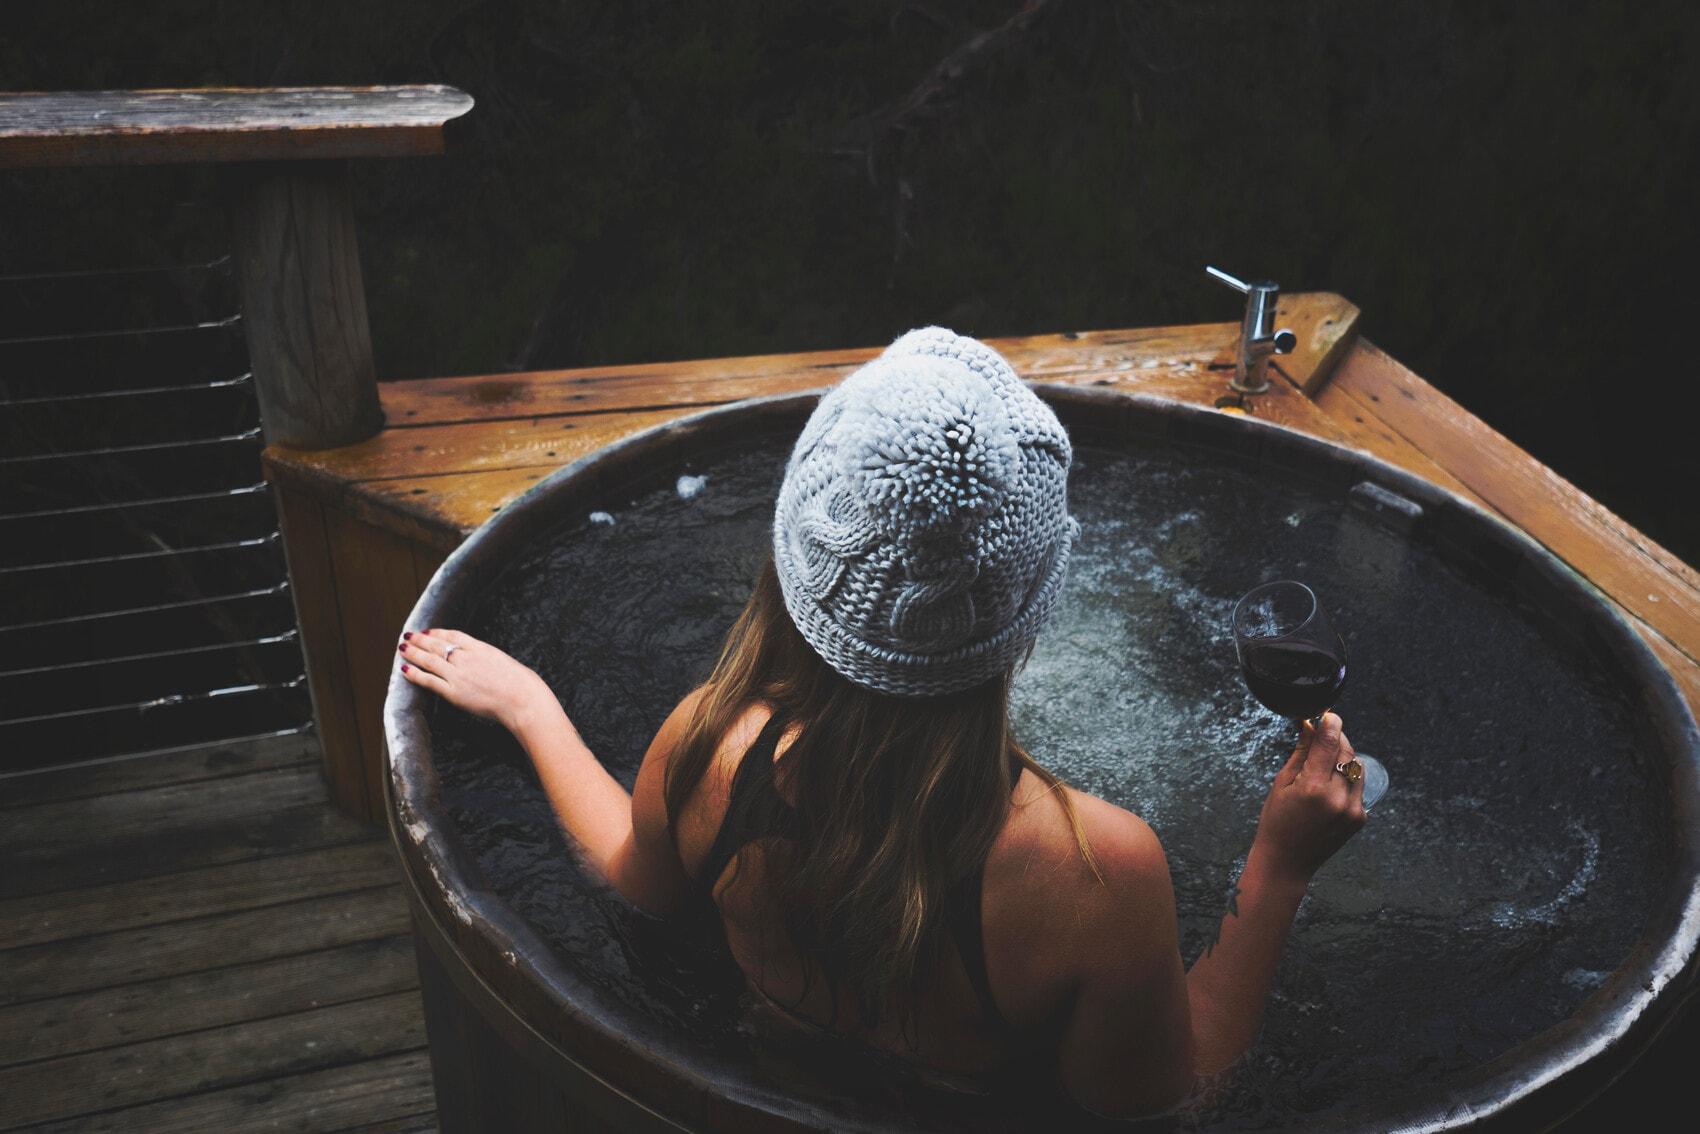 Outdoor-Badewannen in Tasmanien: Cradle Mountain Lodge